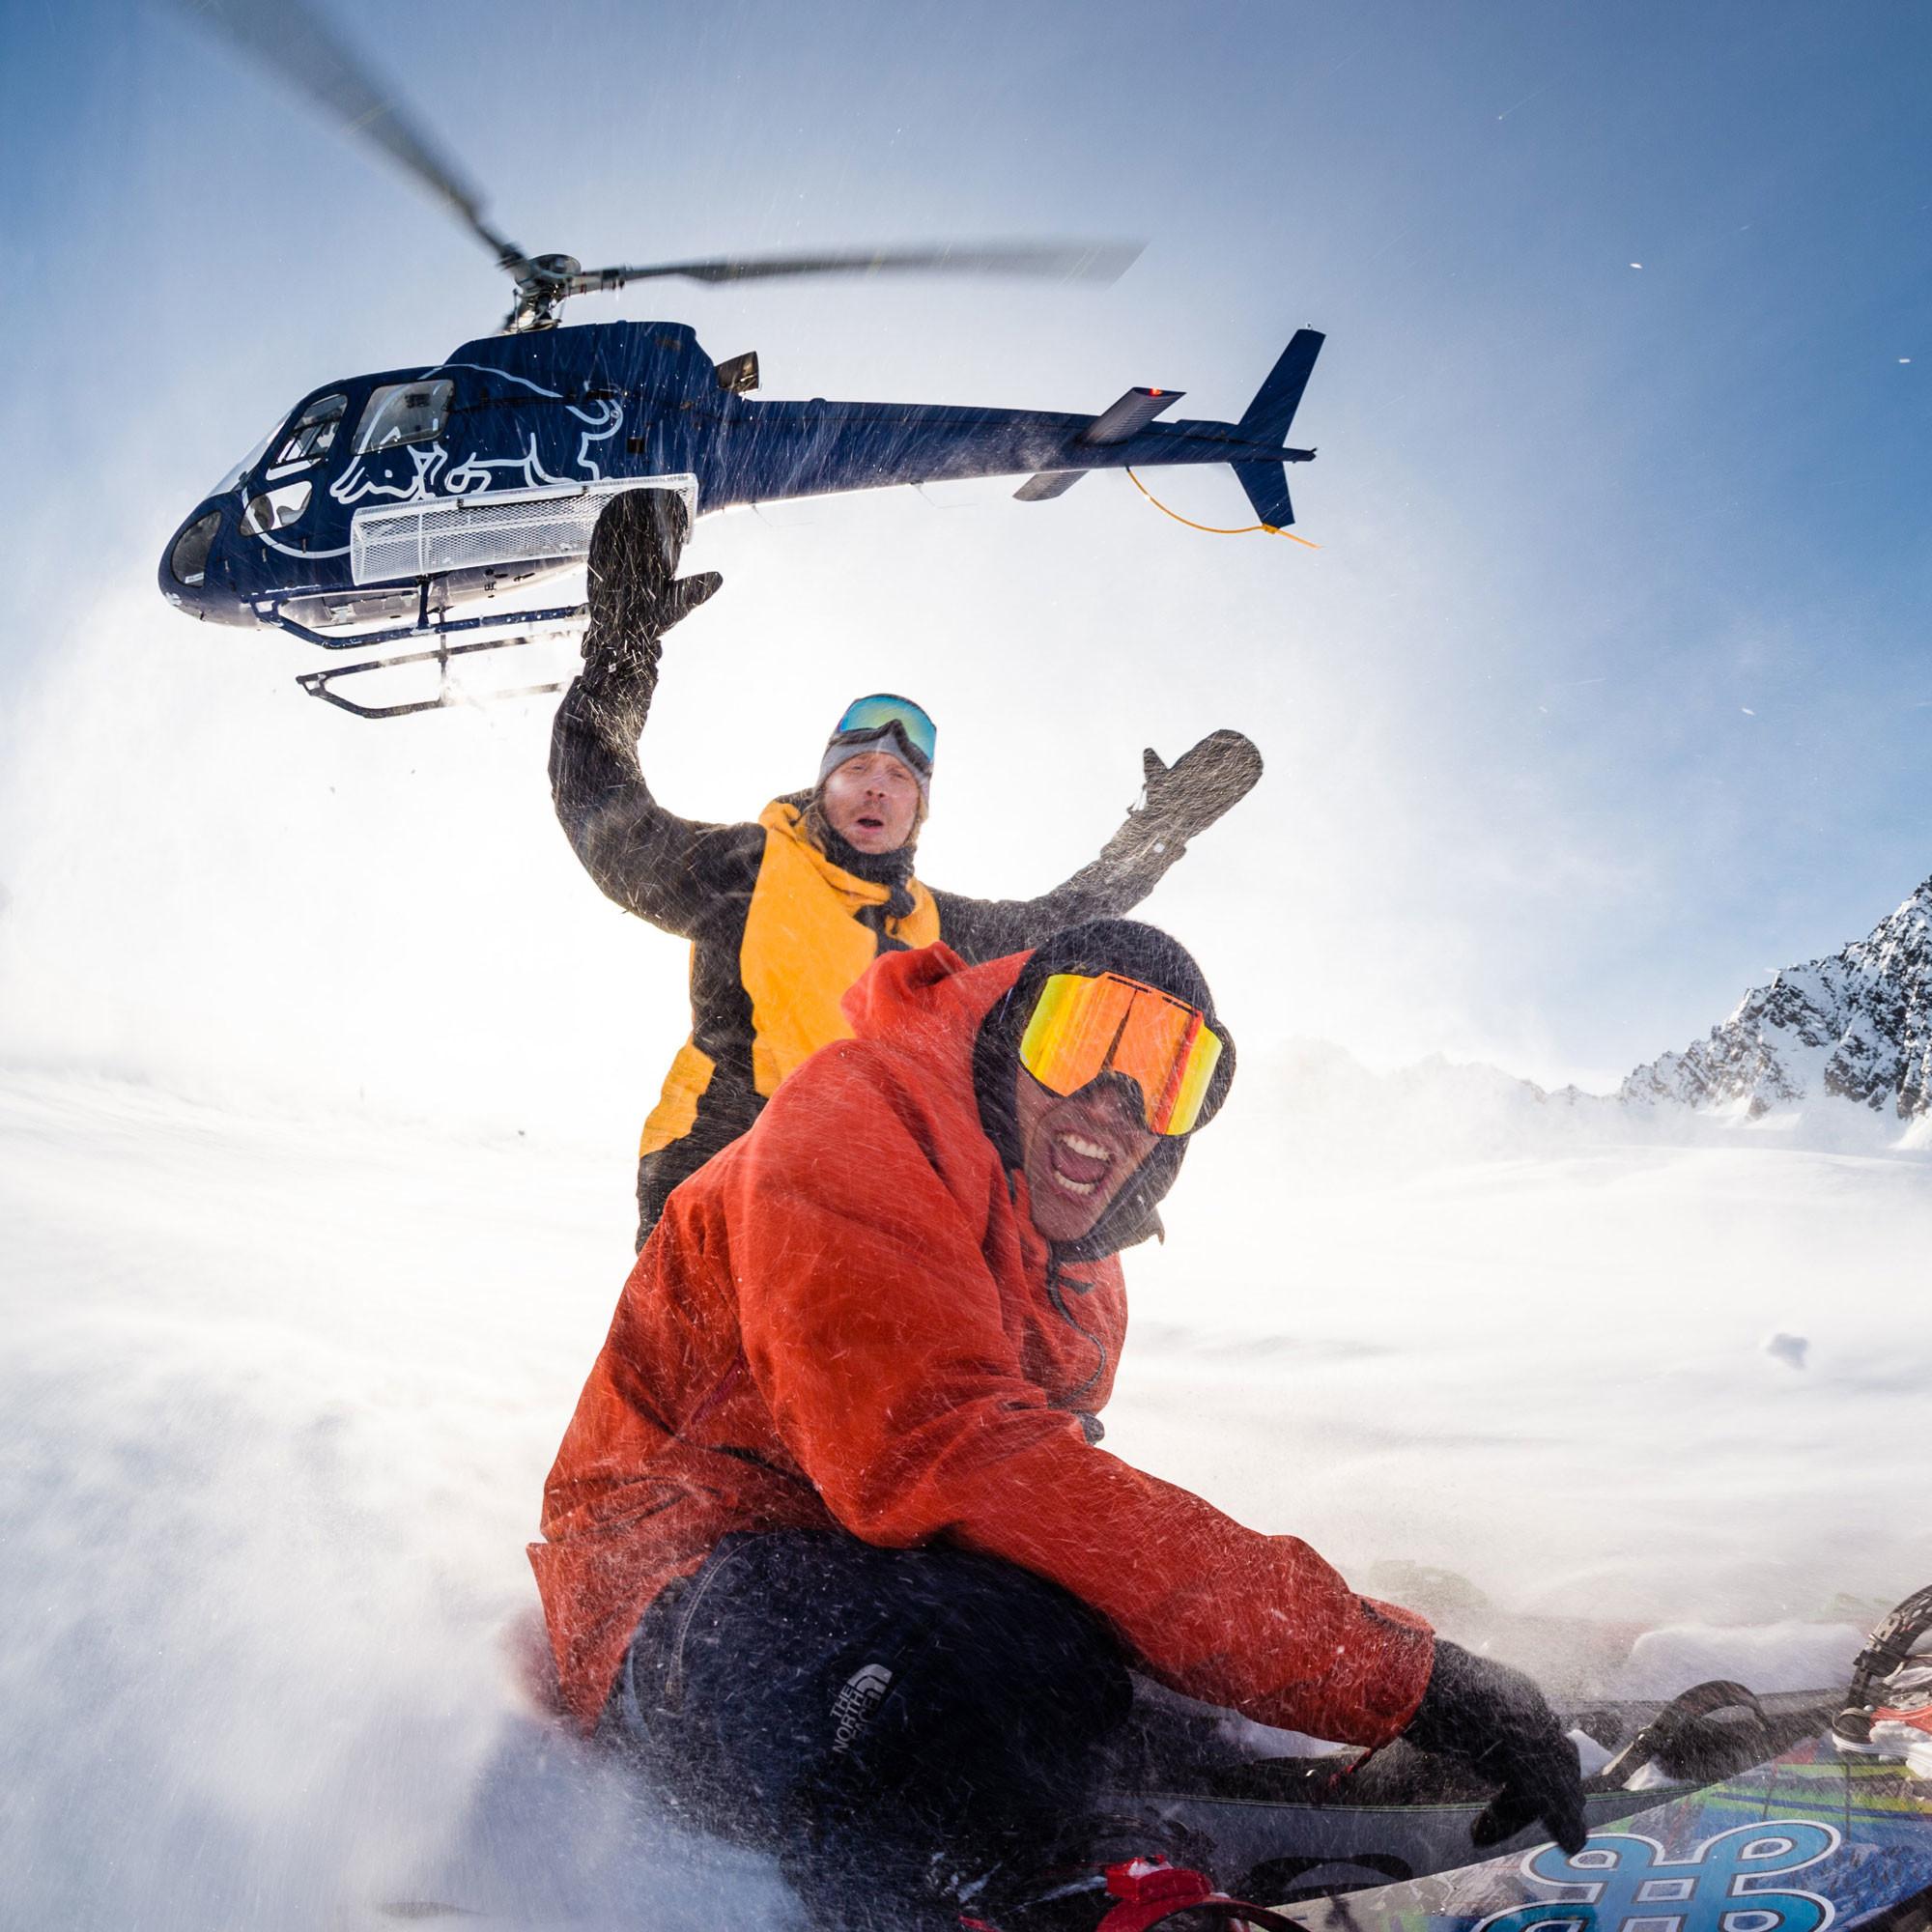 Res: 2000x2000, Heli Stoked – Alaska